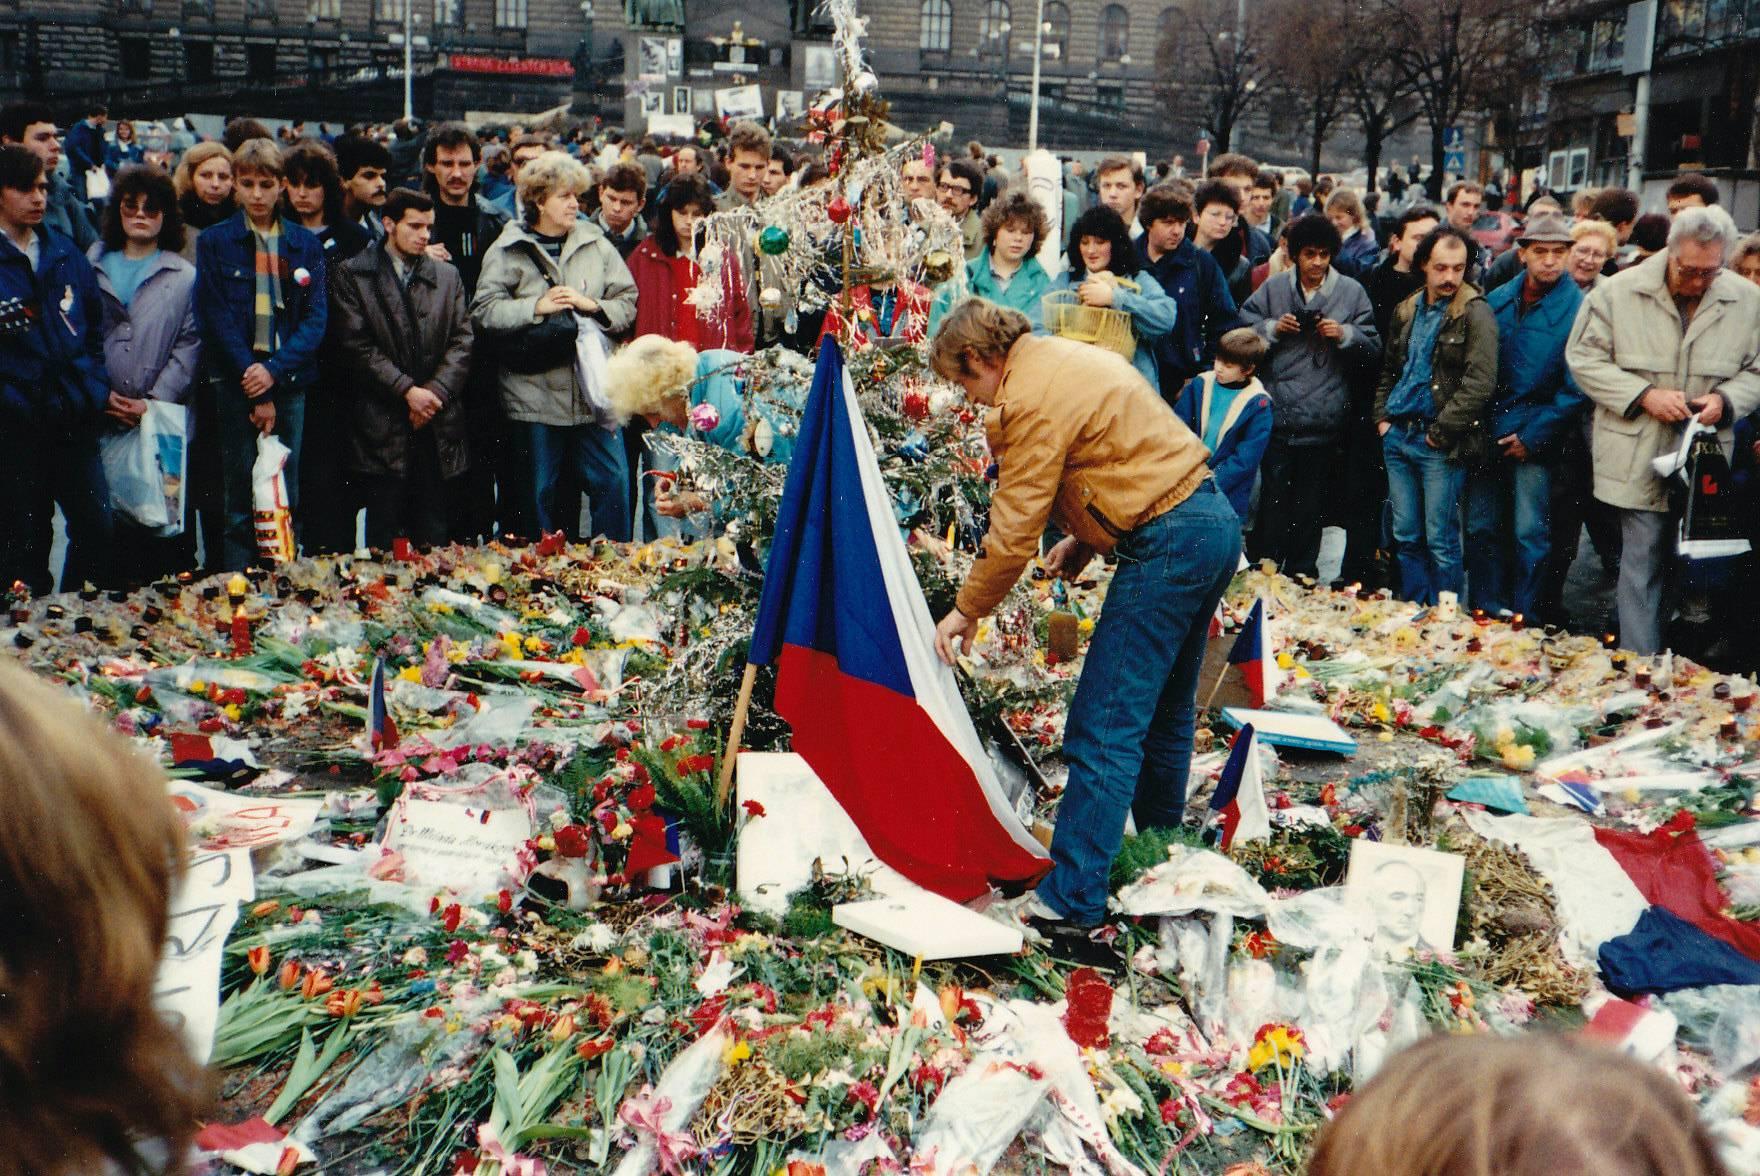 Pad komunizma: Česi i Slovaci razišli su se nenasilno i mirno